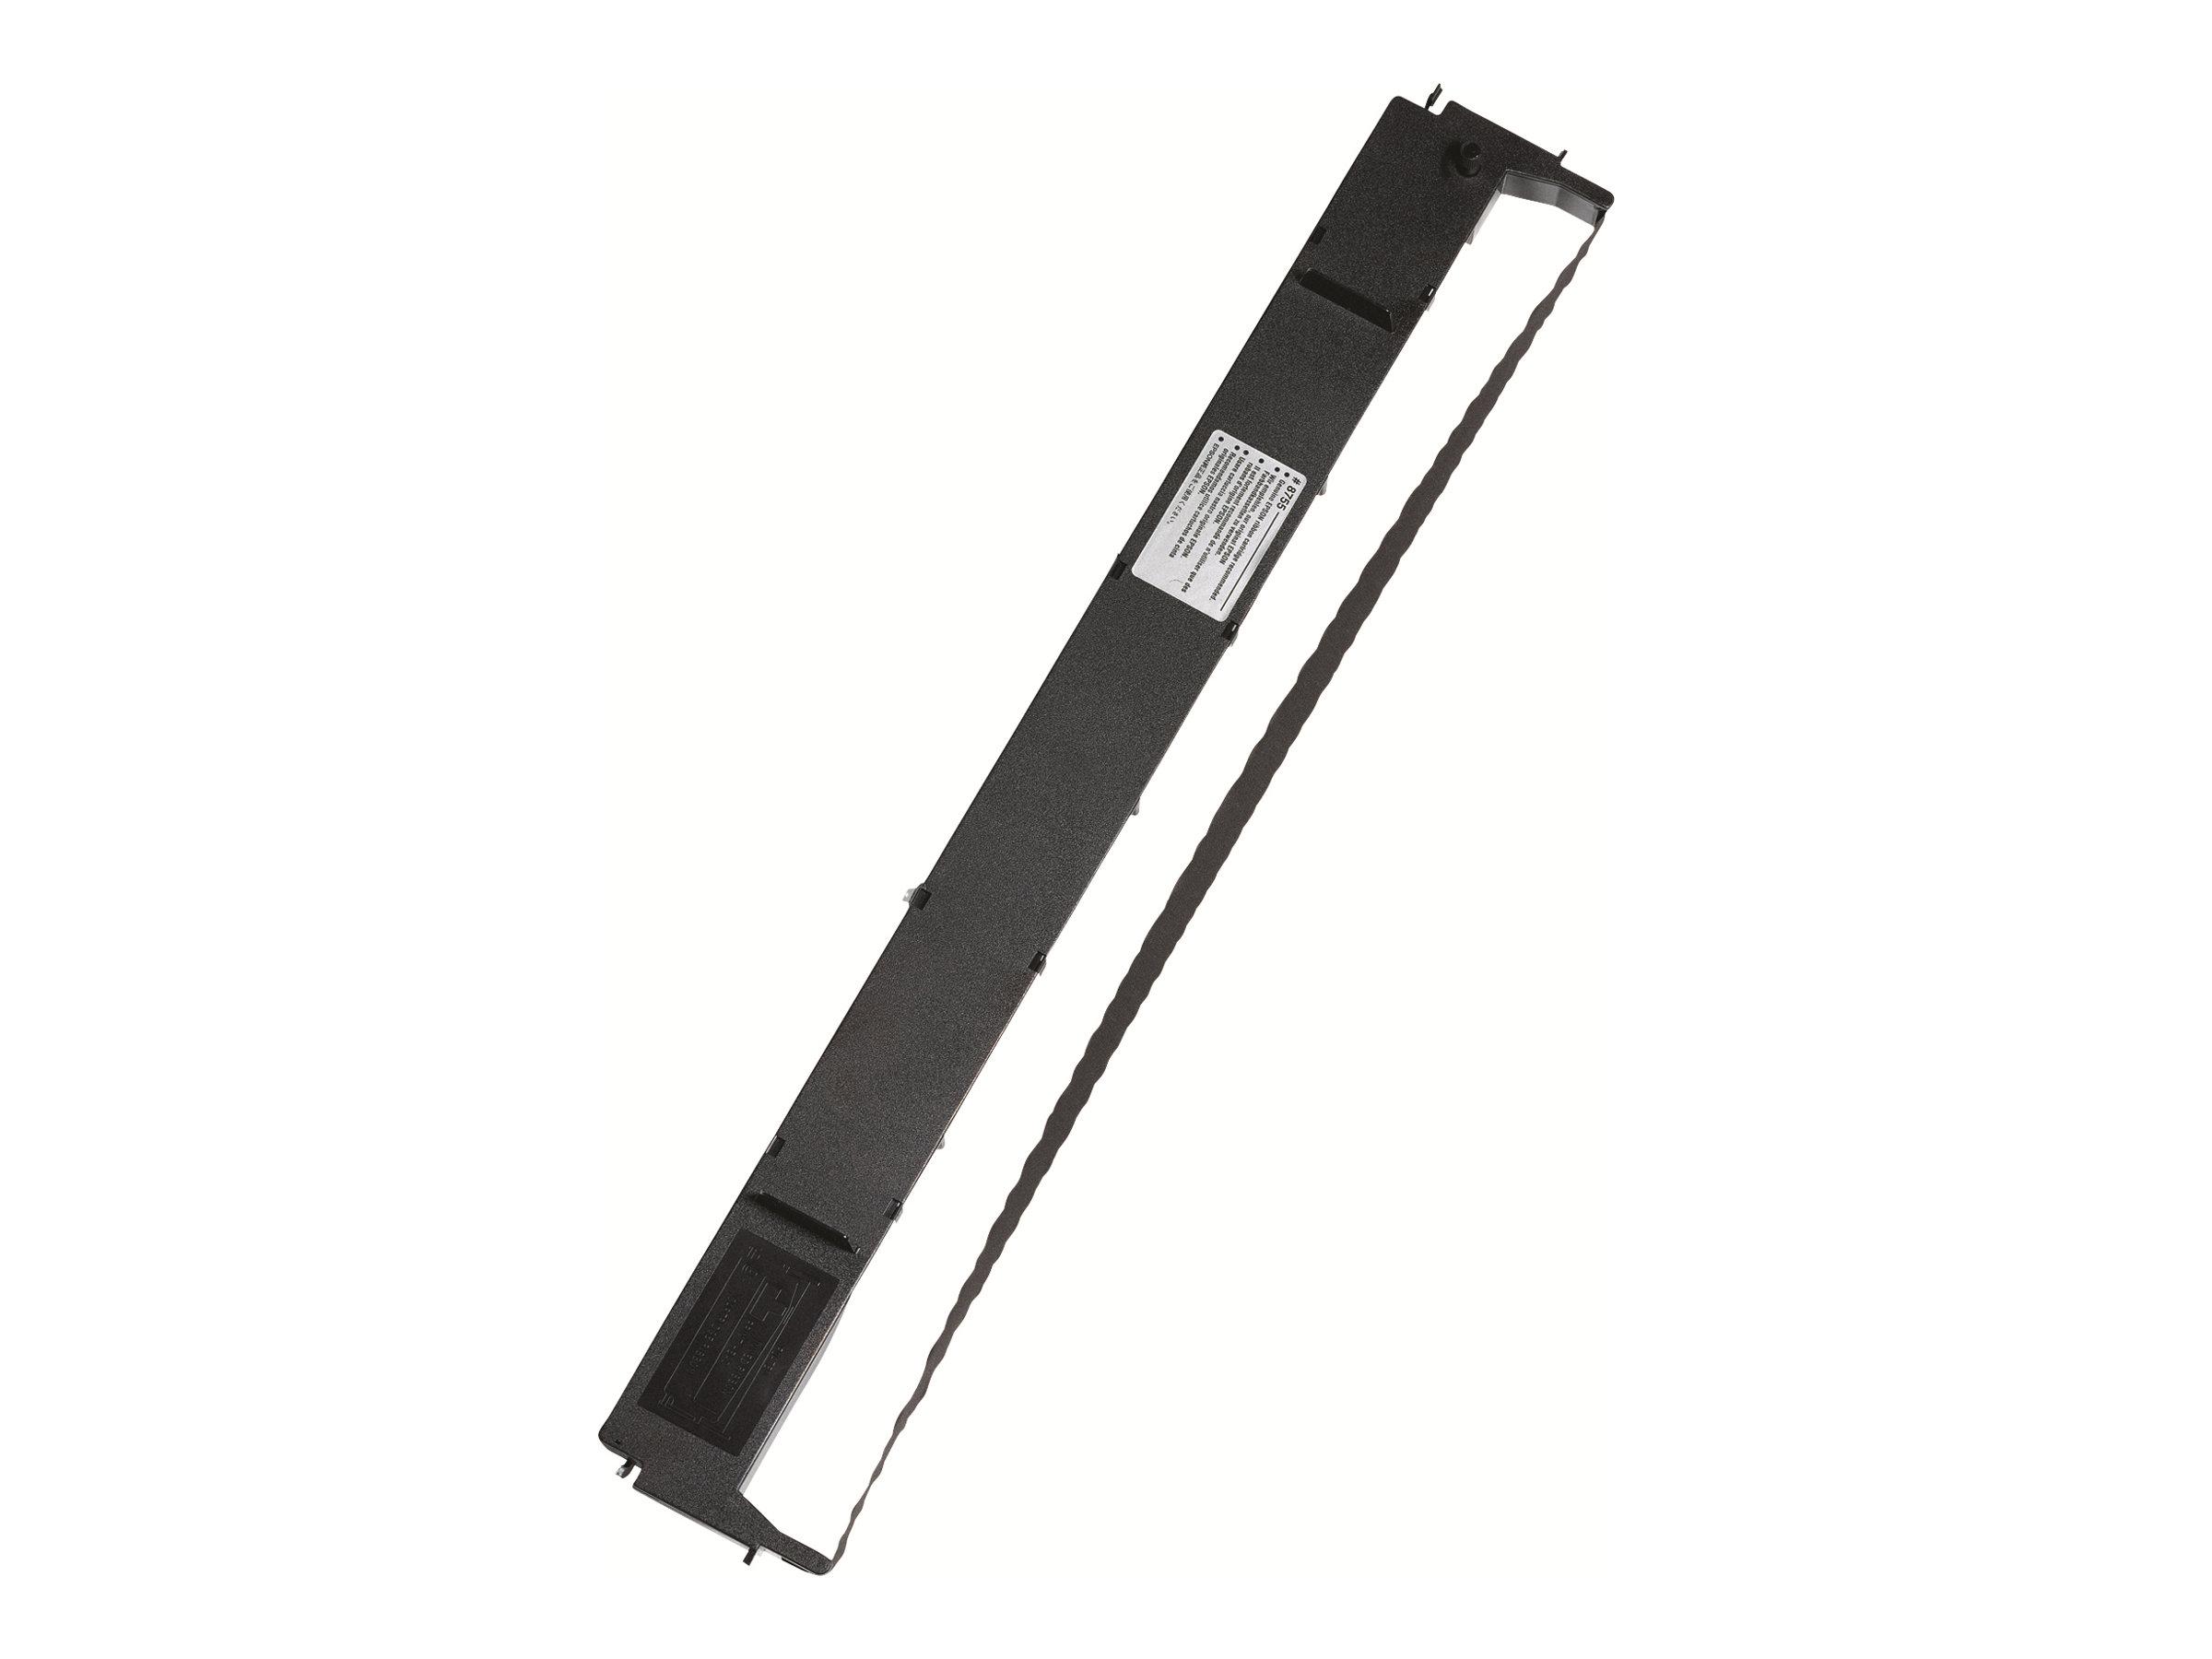 Epson - 1 - Schwarz - Textilband - für FX 100, 1000, 105, 1050, 1170, 1180; LX 1050, 1050+, 1170 II